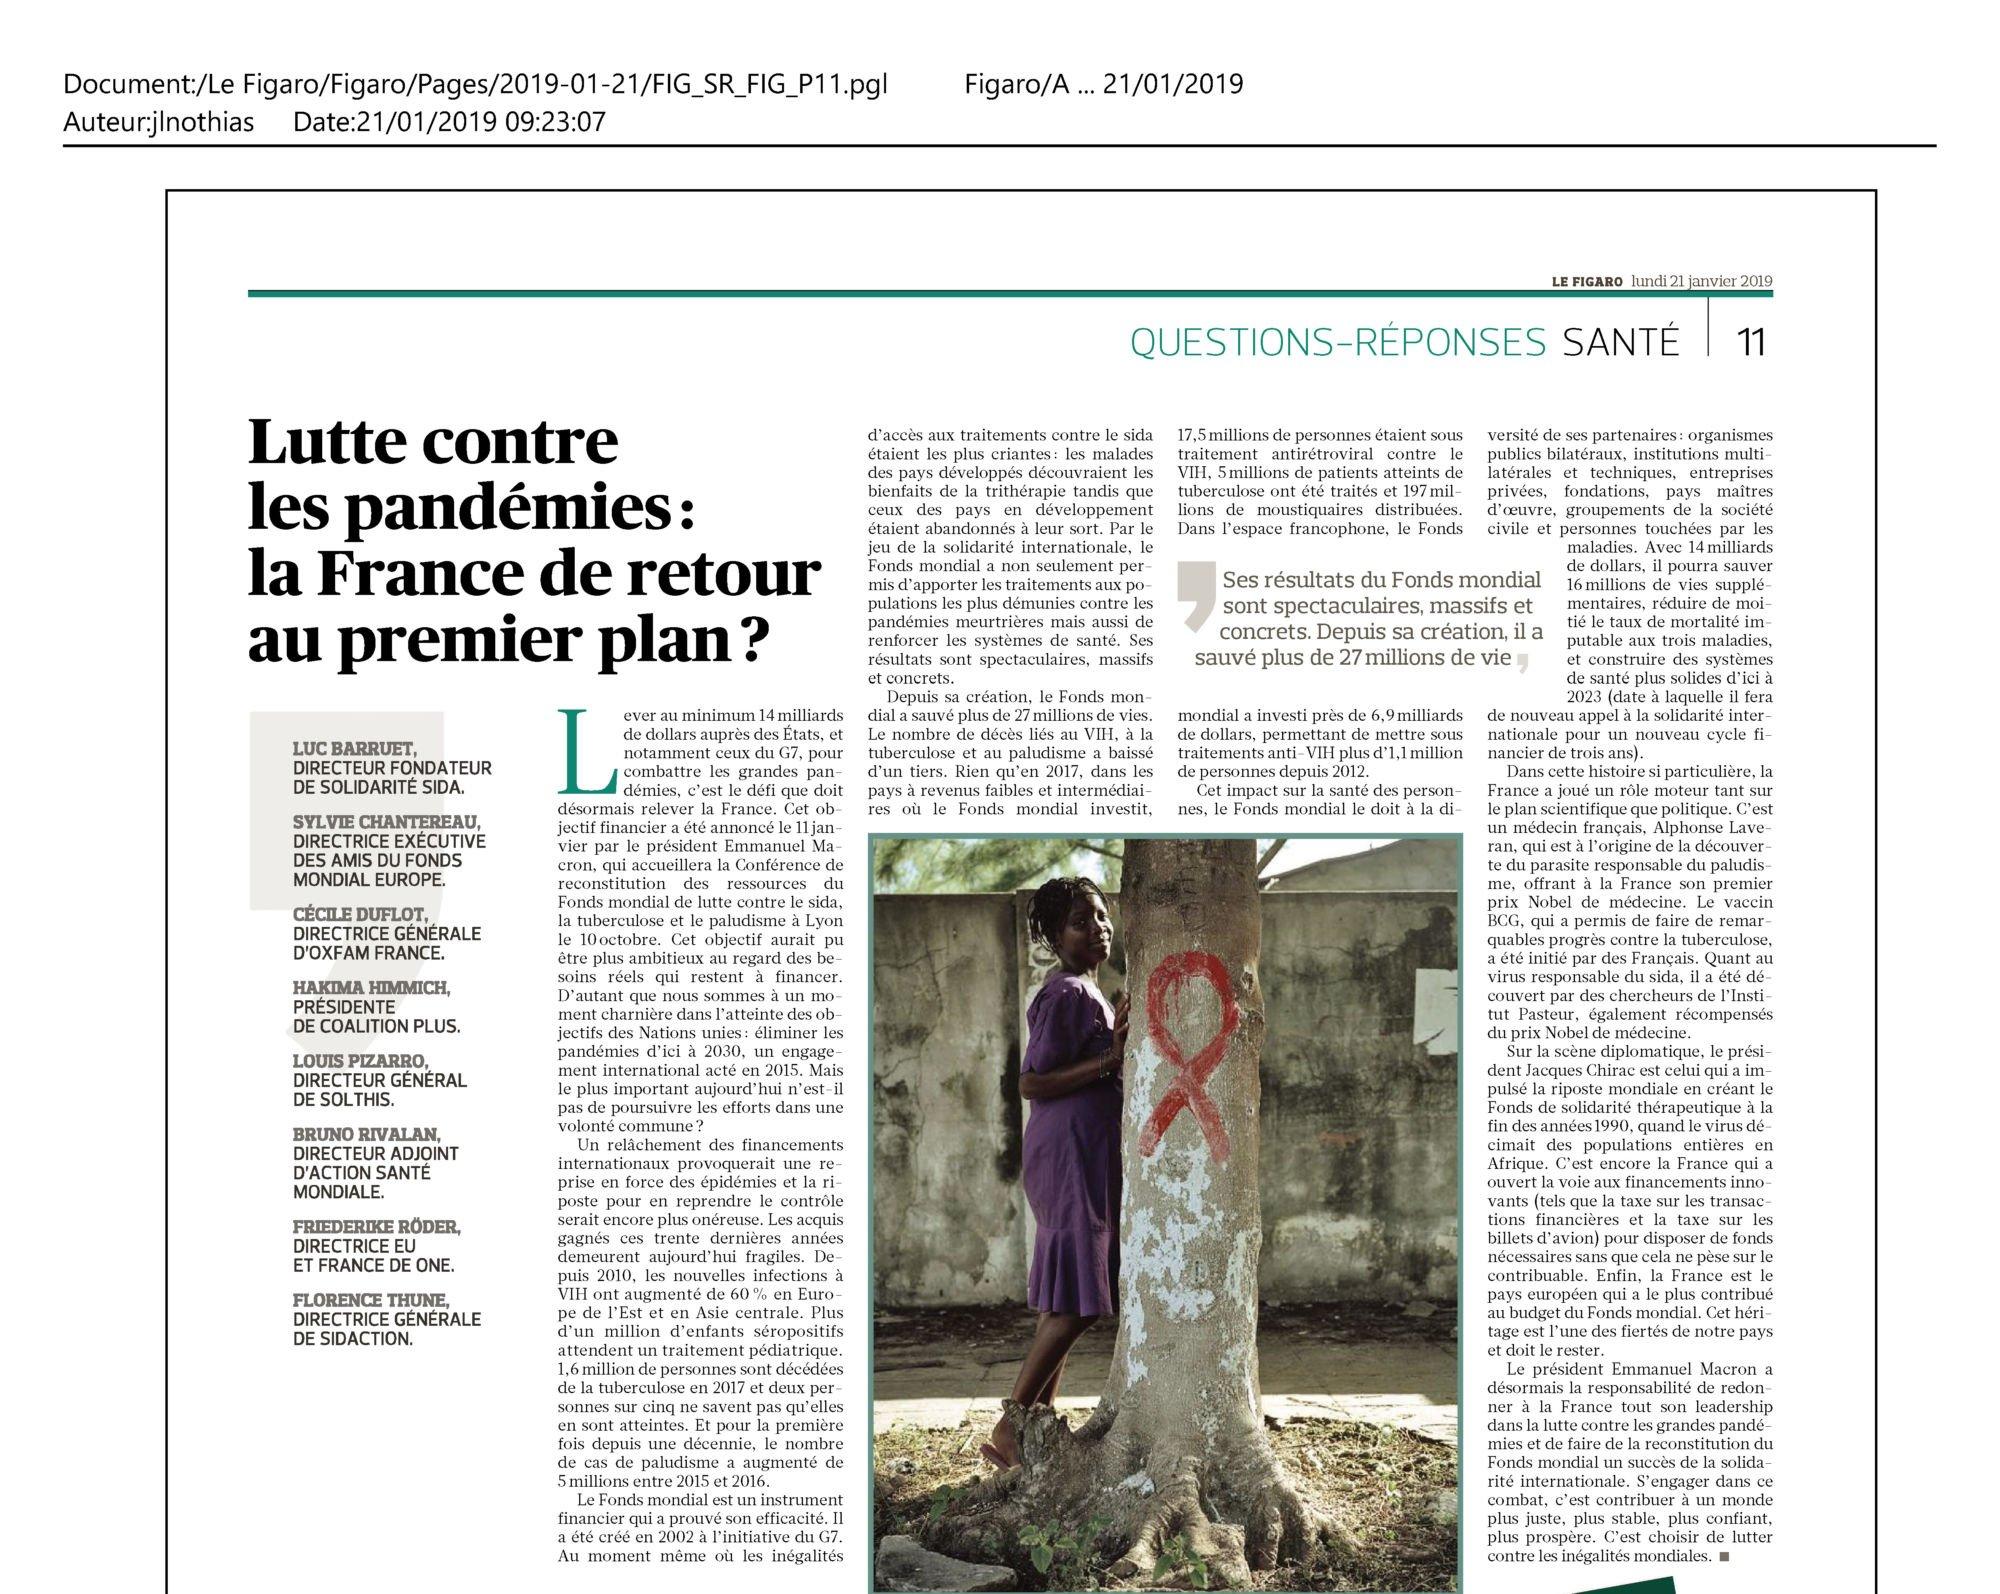 Lutte contre les pandémies : la France de retour au premier plan ?